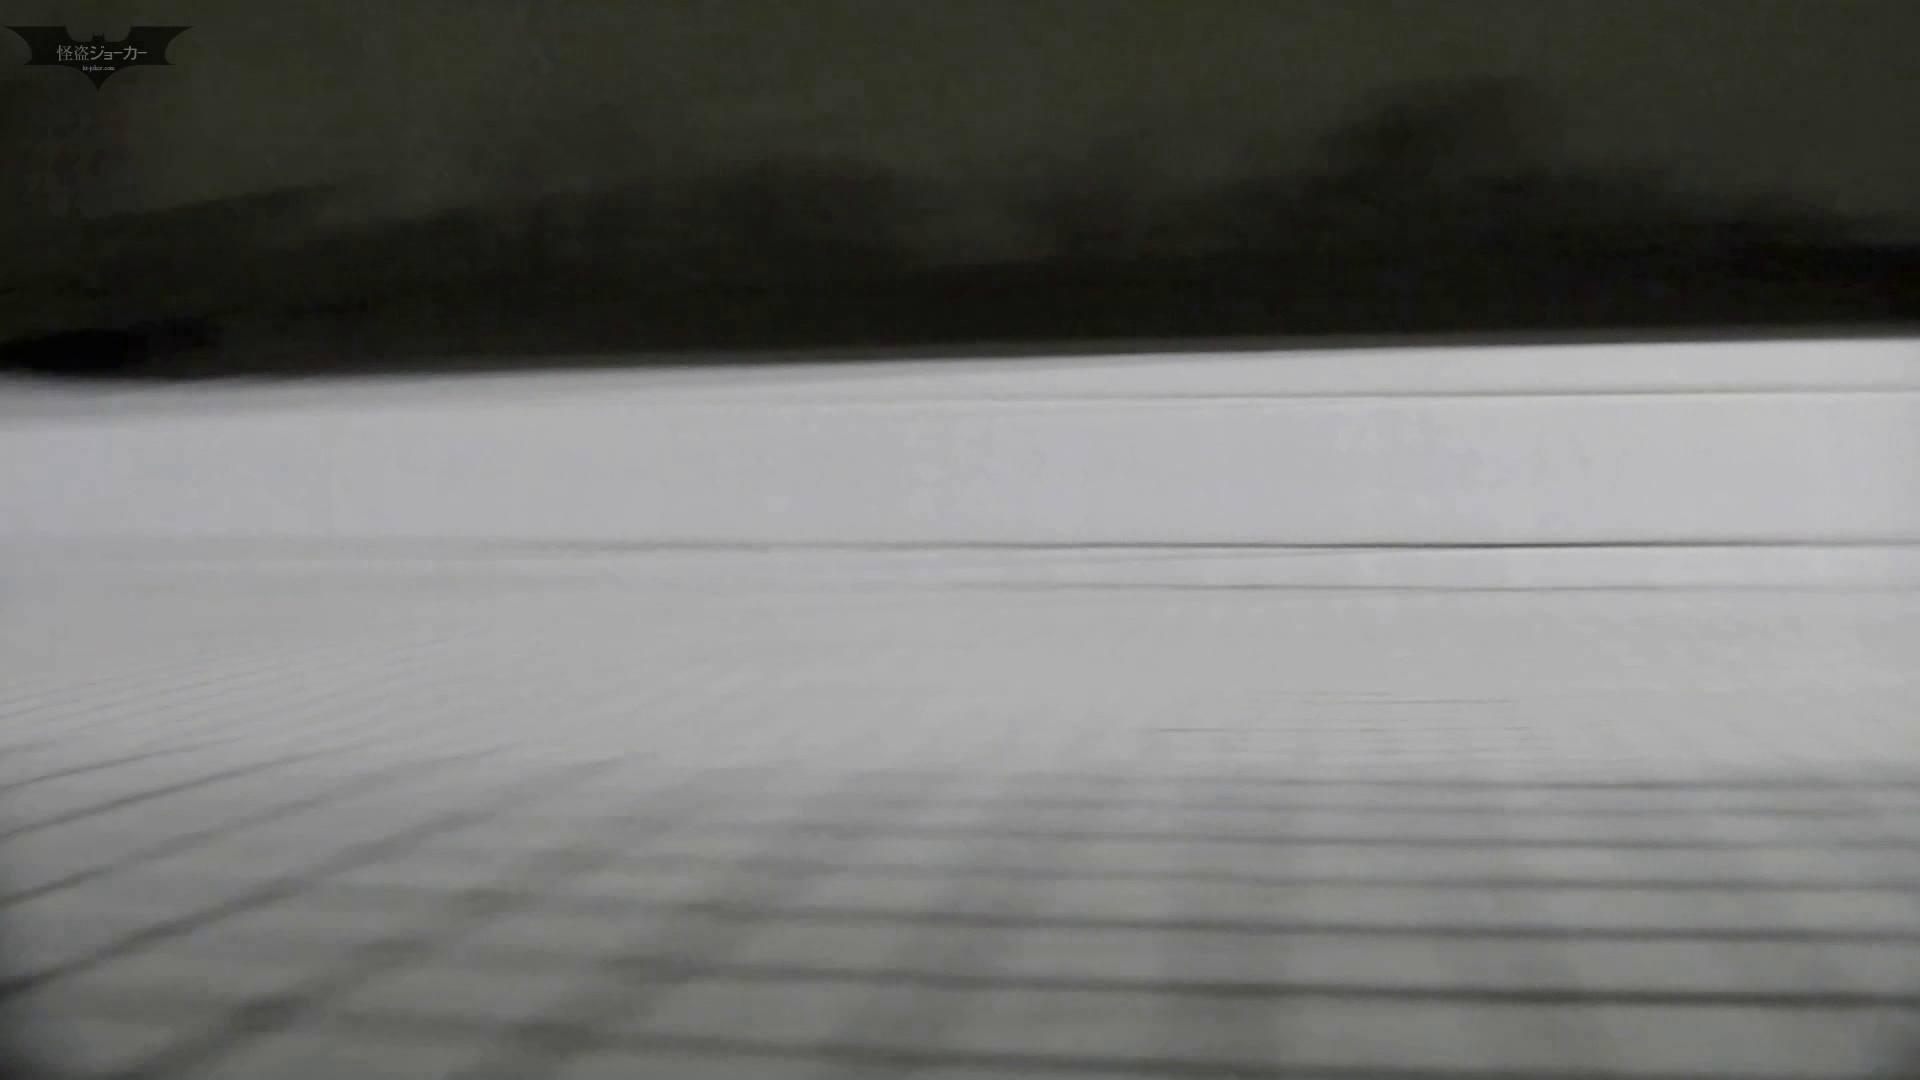 洗面所特攻隊 vol.58驚異のしまり、【2015・25位】 ギャル攻め スケベ動画紹介 63画像 8